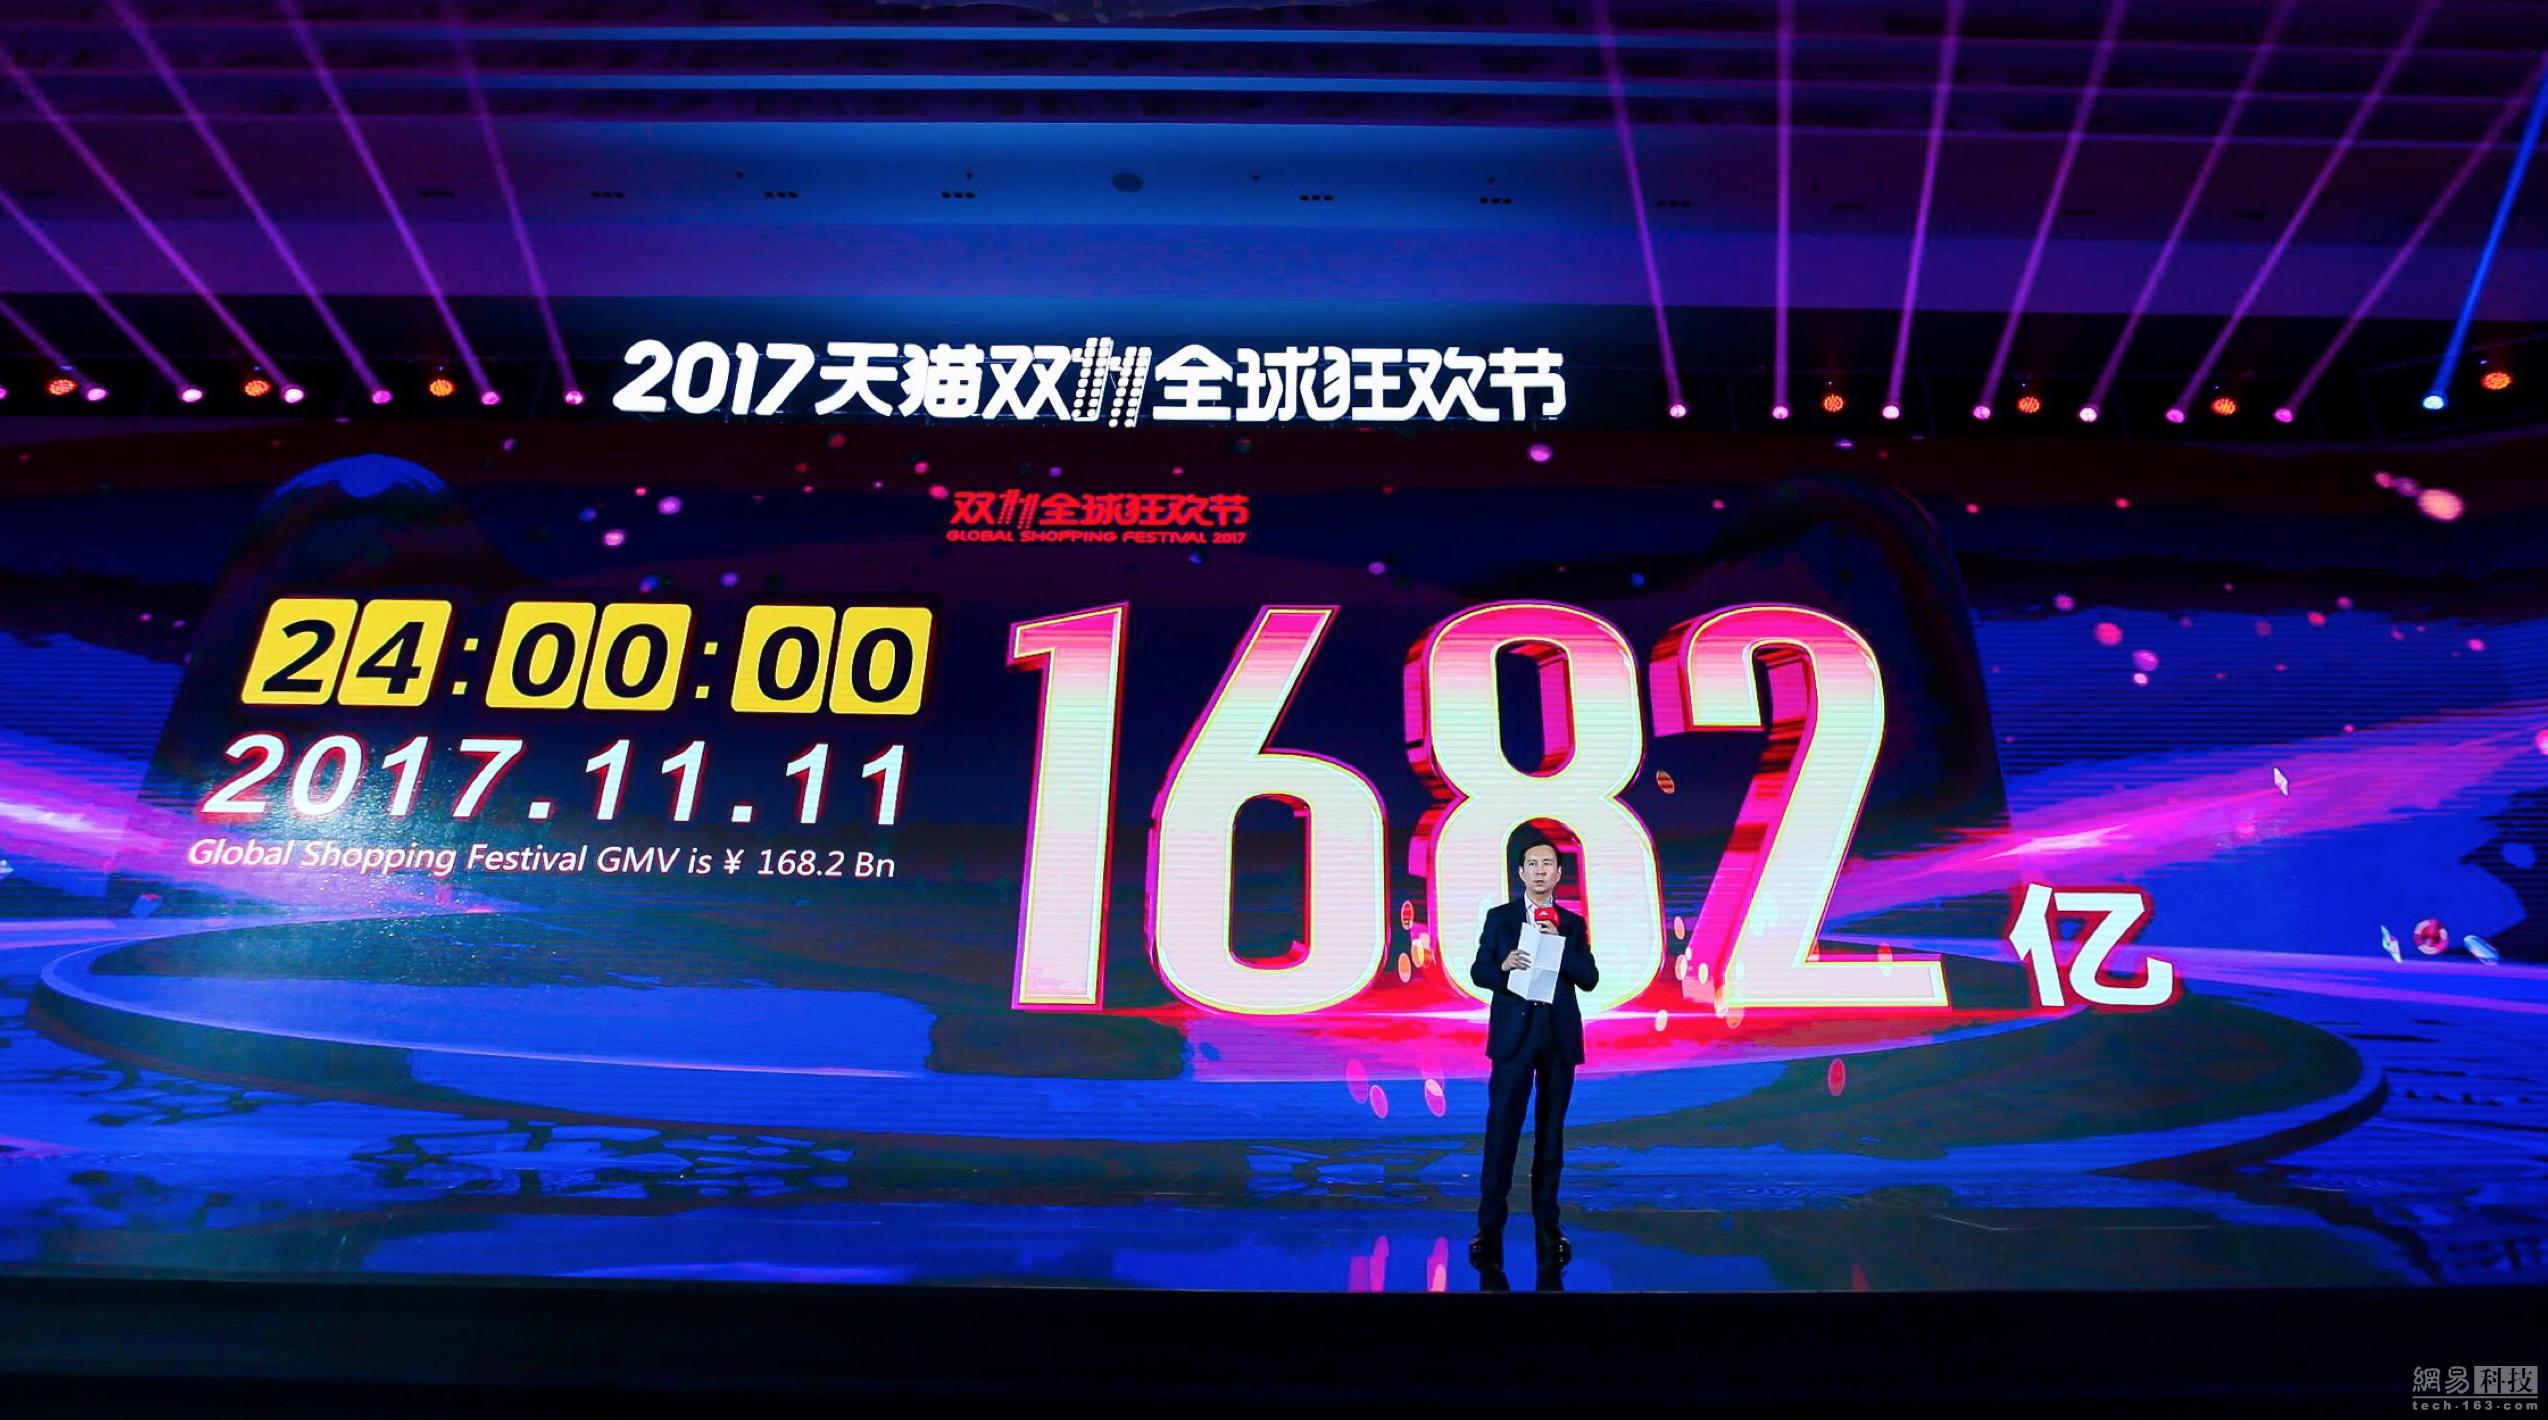 阿里张勇:希望双11带动中国制造及创造走向世界